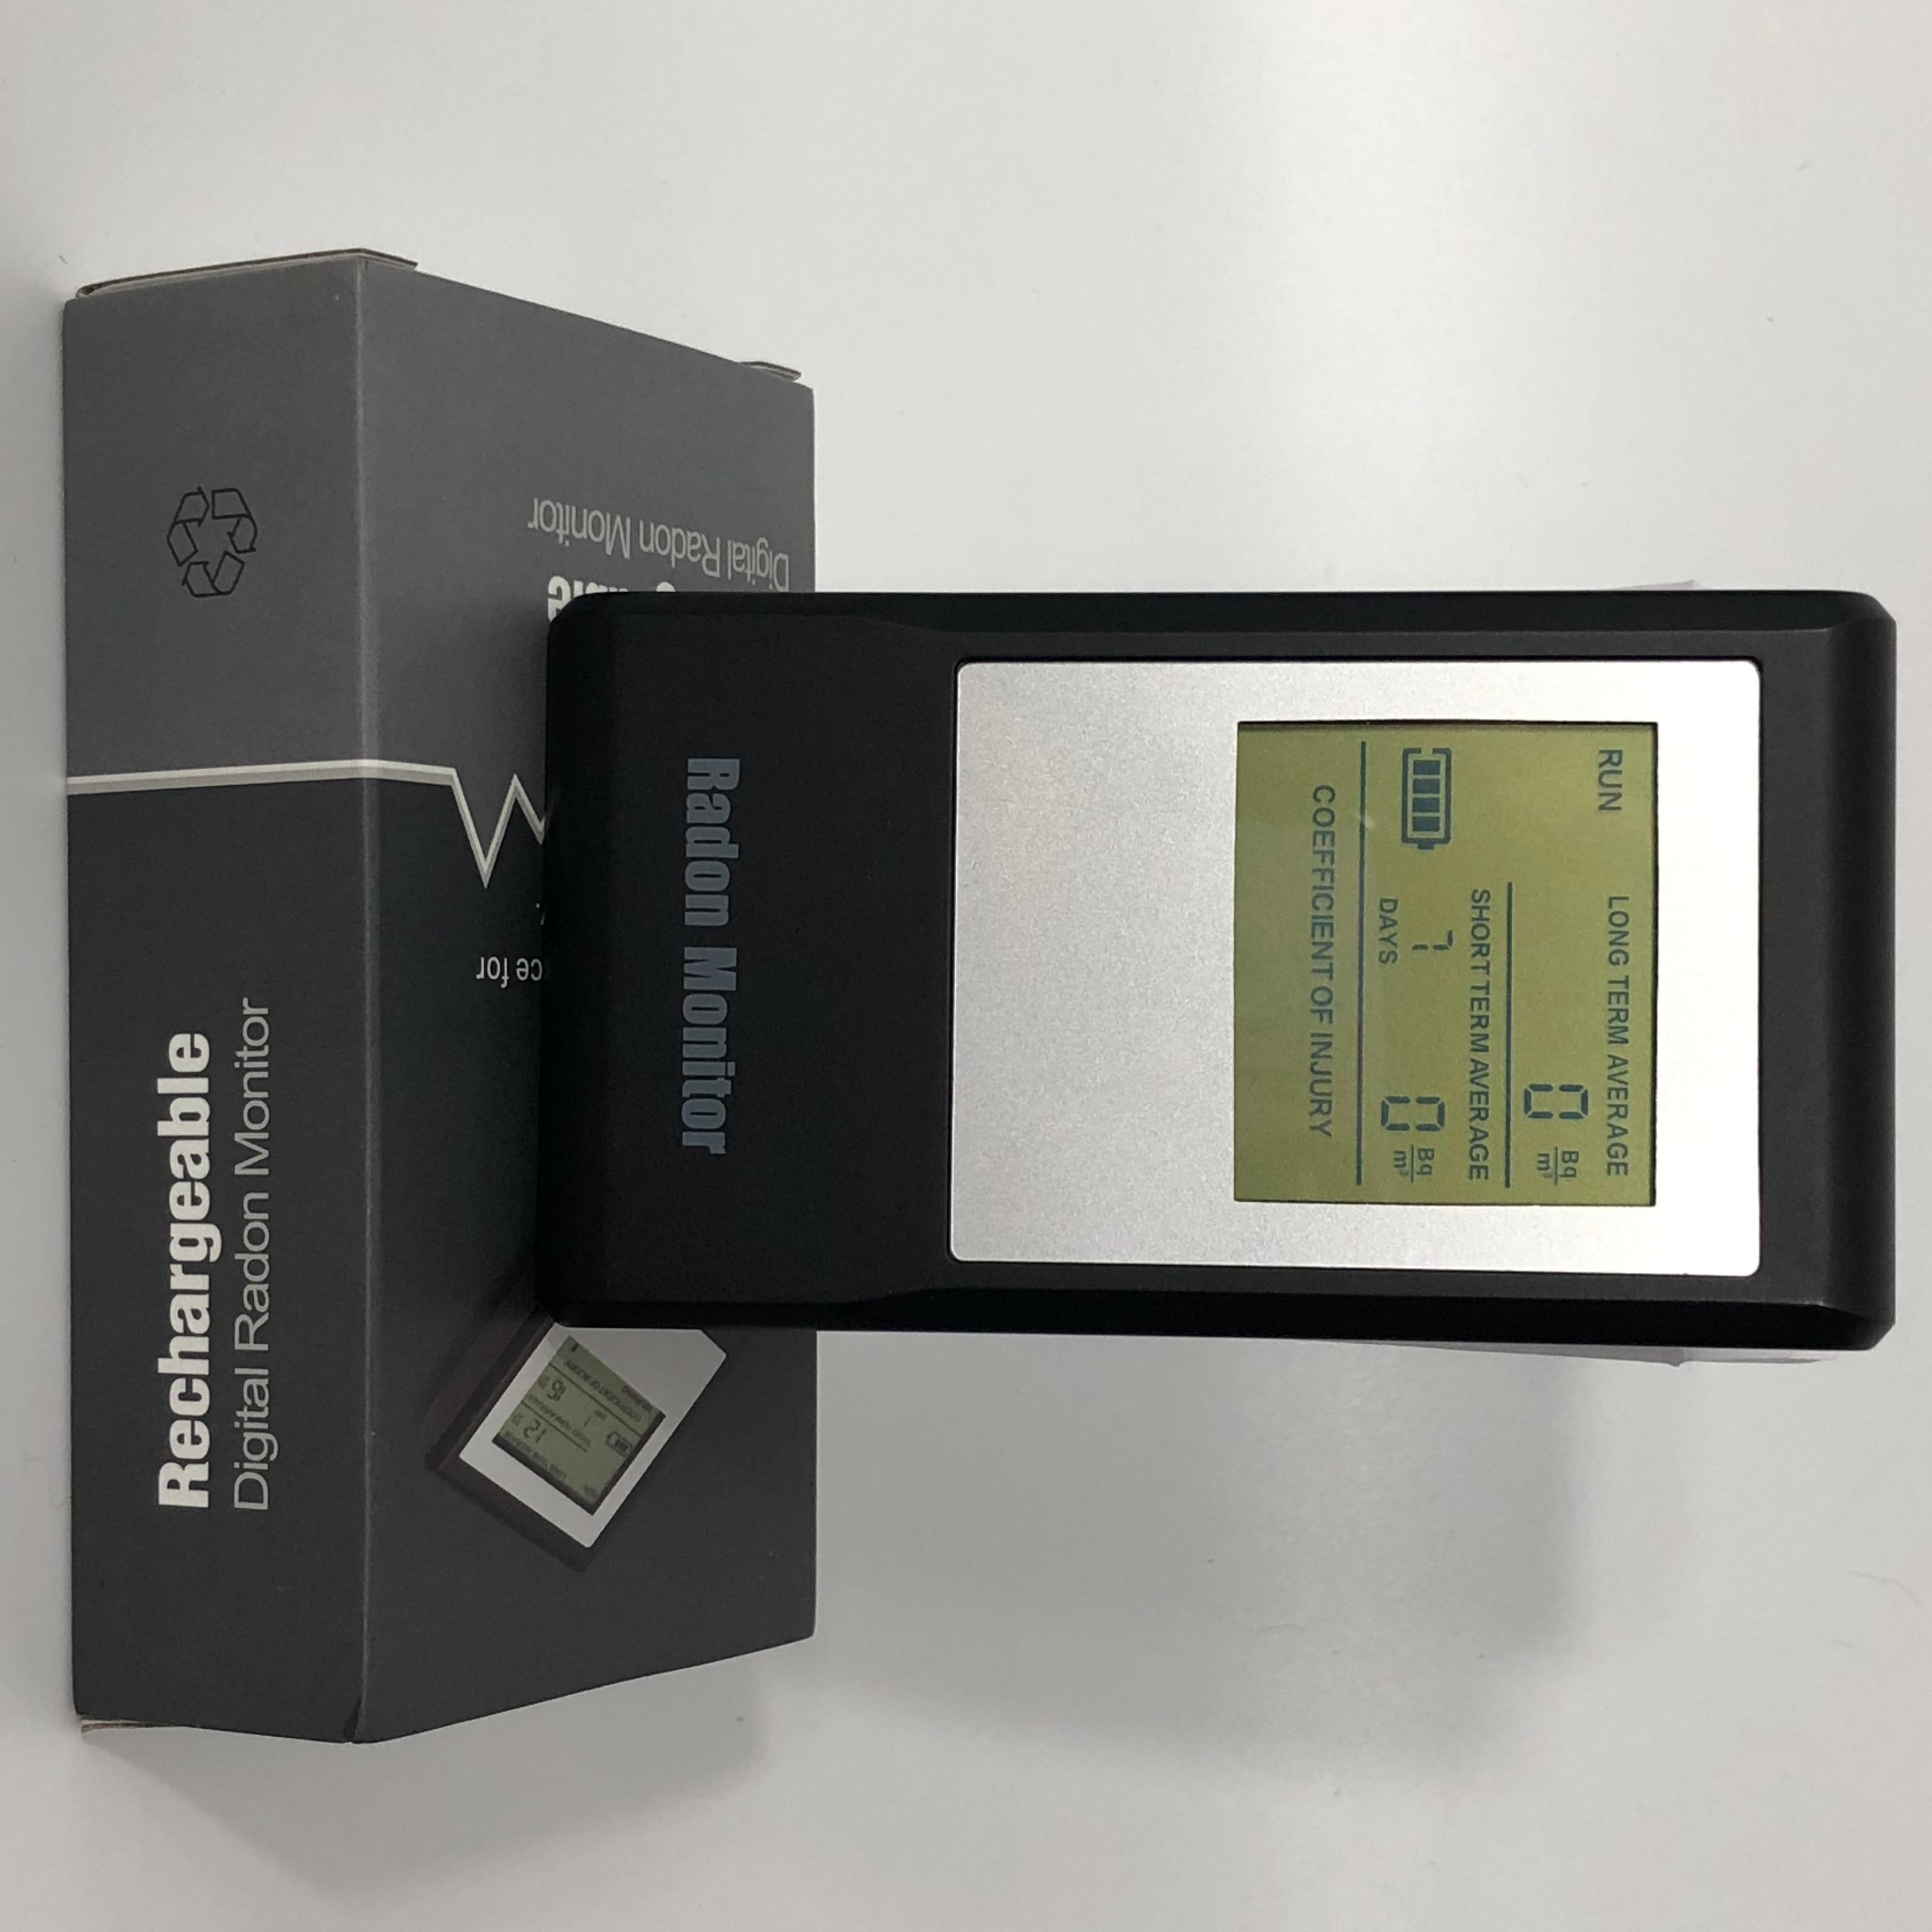 Détecteur de gaz de radon portable avec batterie rechargeable détecteur RH RD-35 affichage lcd numérique détecteur de gaz de radon oeil de radon